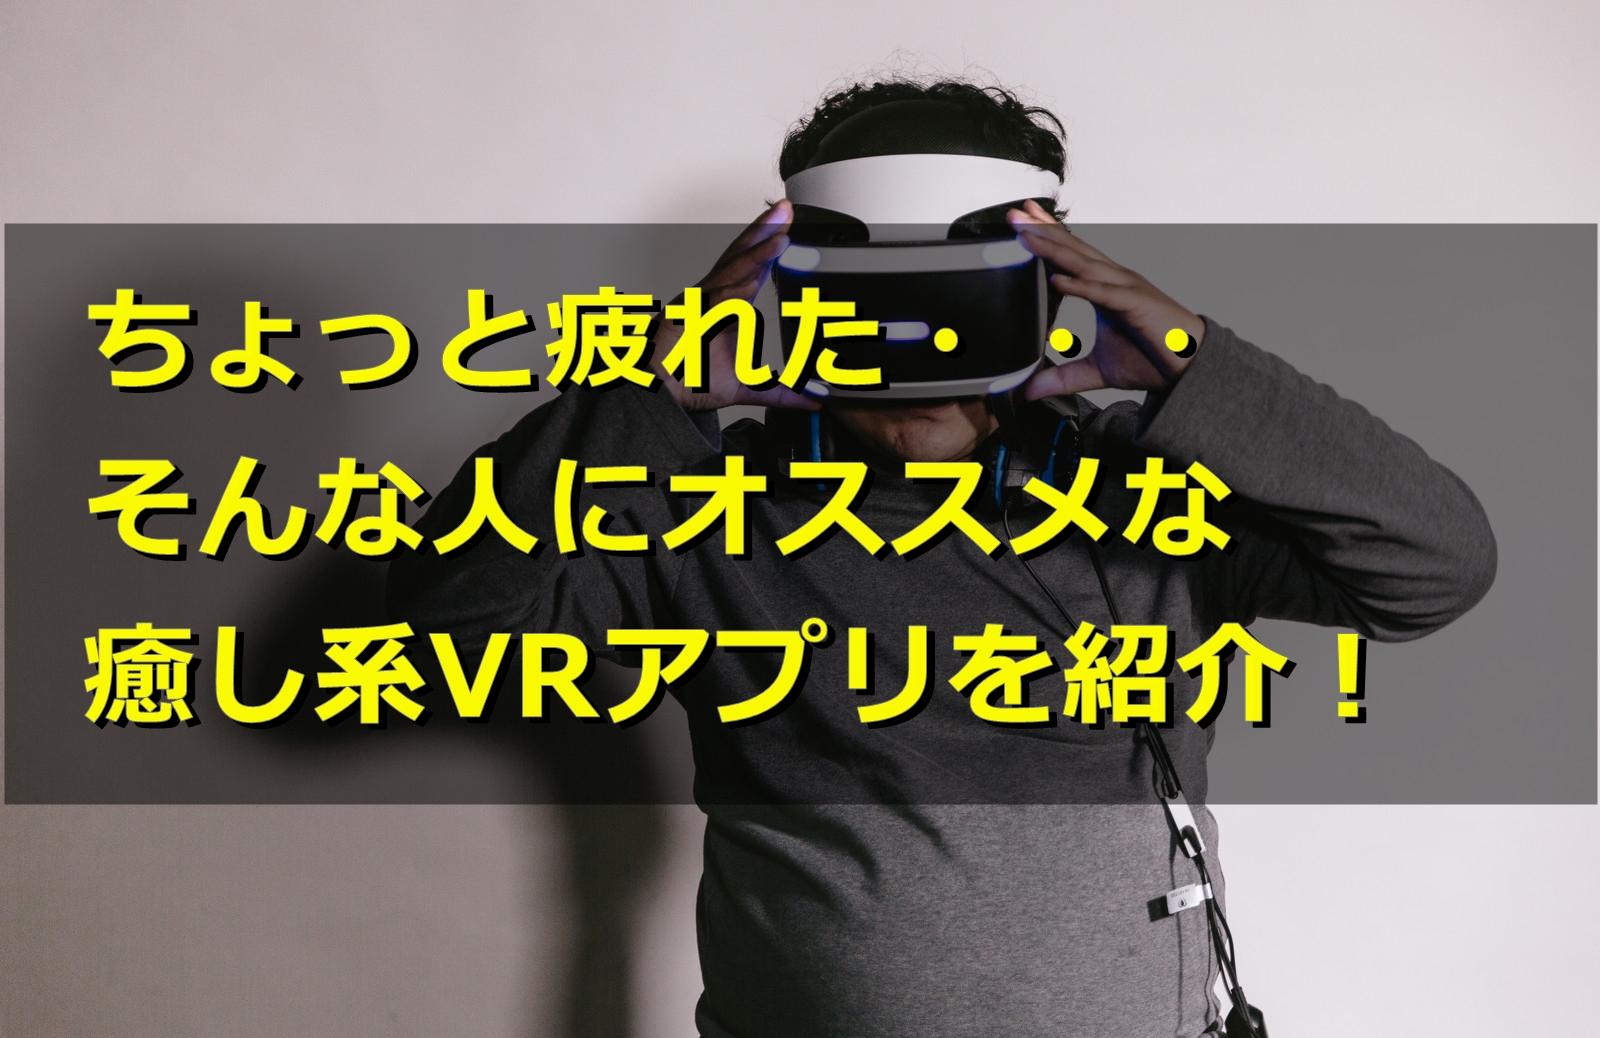 スマホVRで癒し体験?疲れた人に効果がありそうなおすすめ癒しVRアプリ